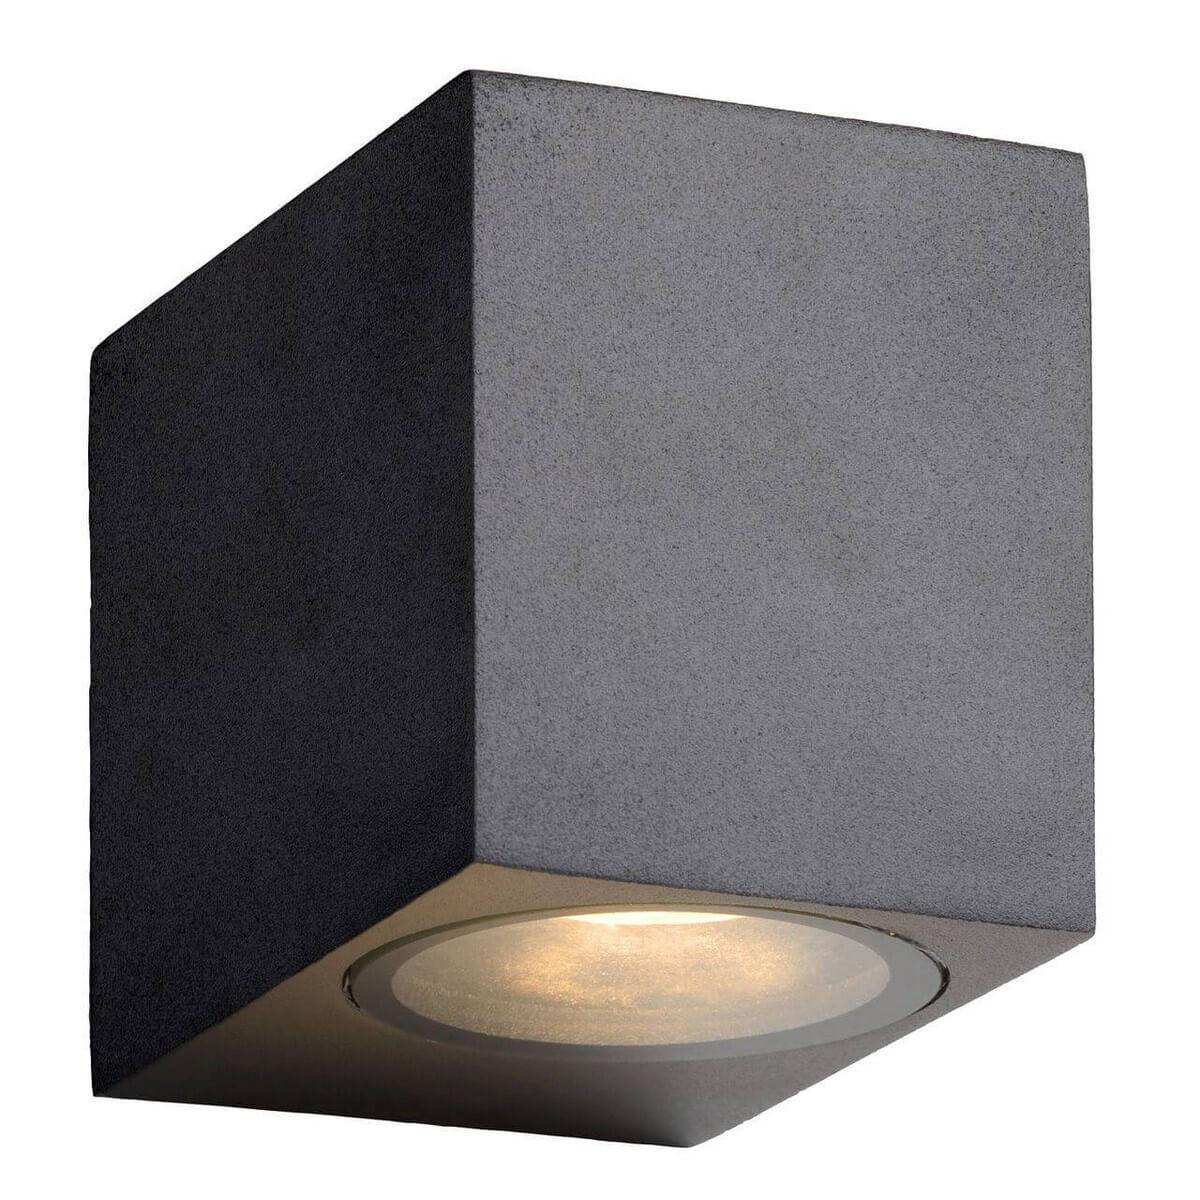 Уличный светильник Lucide 22860/05/30, GU10 lucide уличный настенный светодиодный светильник lucide hyro 27864 10 30